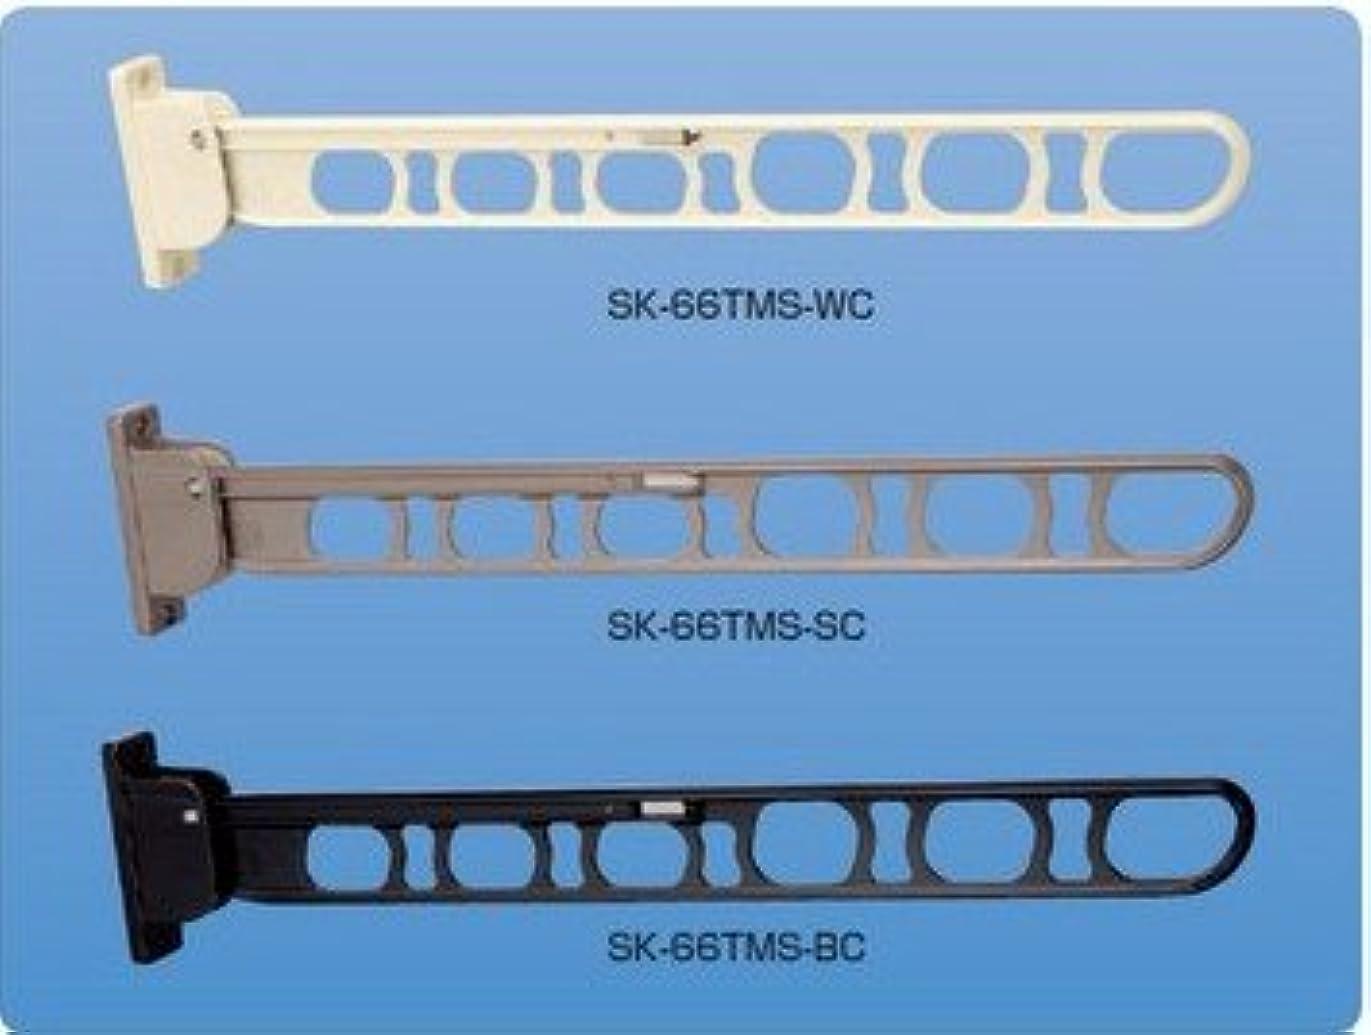 ディプロマましい貪欲新協和 バルコニー物干金物 (縦収納型) SK-66TMS-WC/ホワイトクリーム 1本 物干し金物